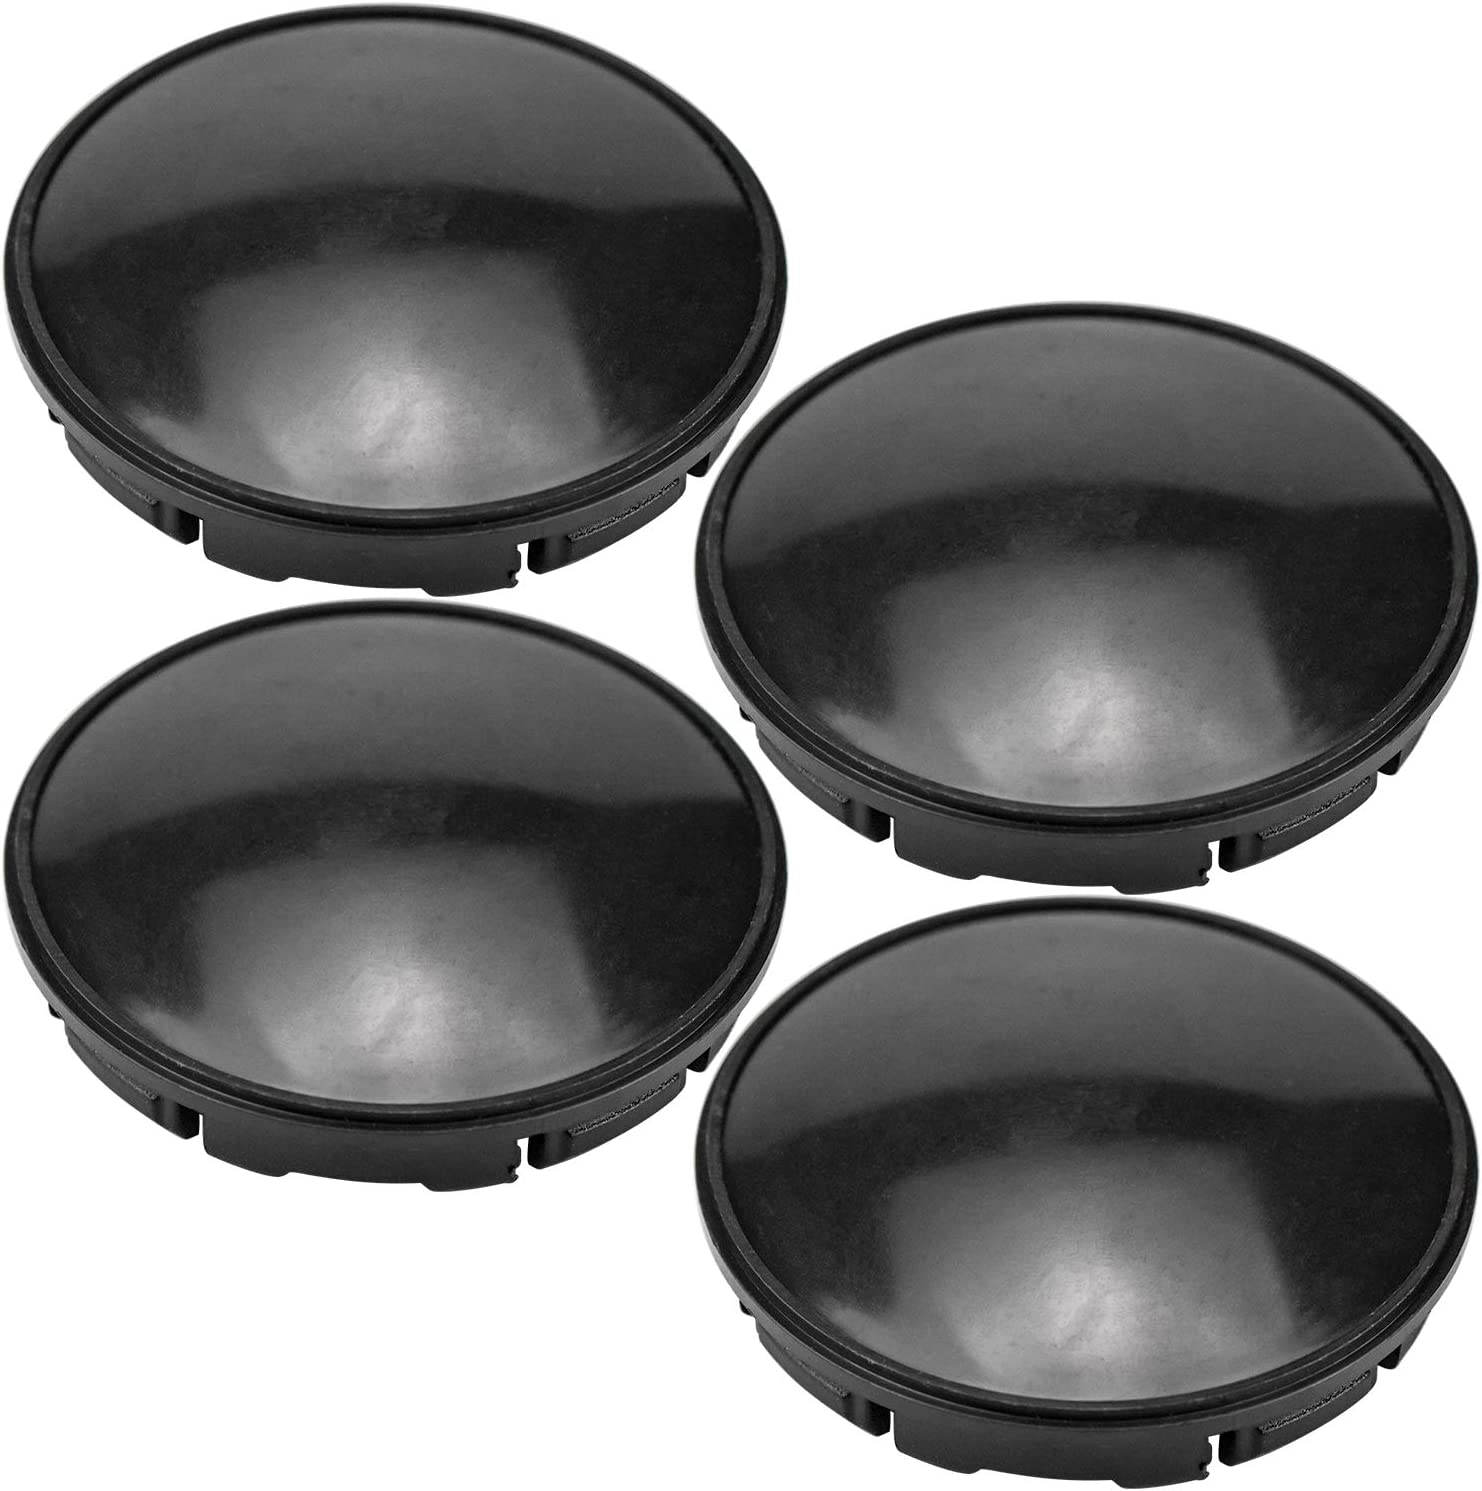 COCOCITY Juego de 4 x Buje Tapa 56 mm tapacubos para Llantas ABS Plástico Accesorios universales para el Coche (Negro)